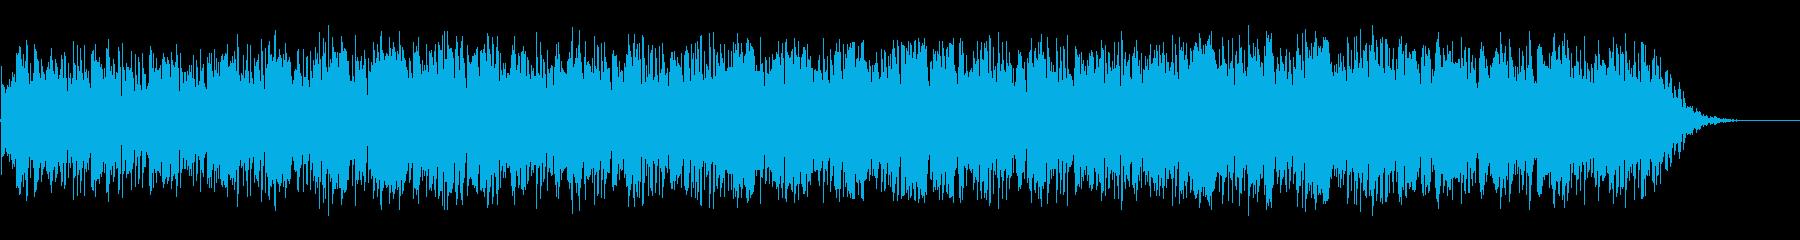 大気のアコースティックギターリズム...の再生済みの波形